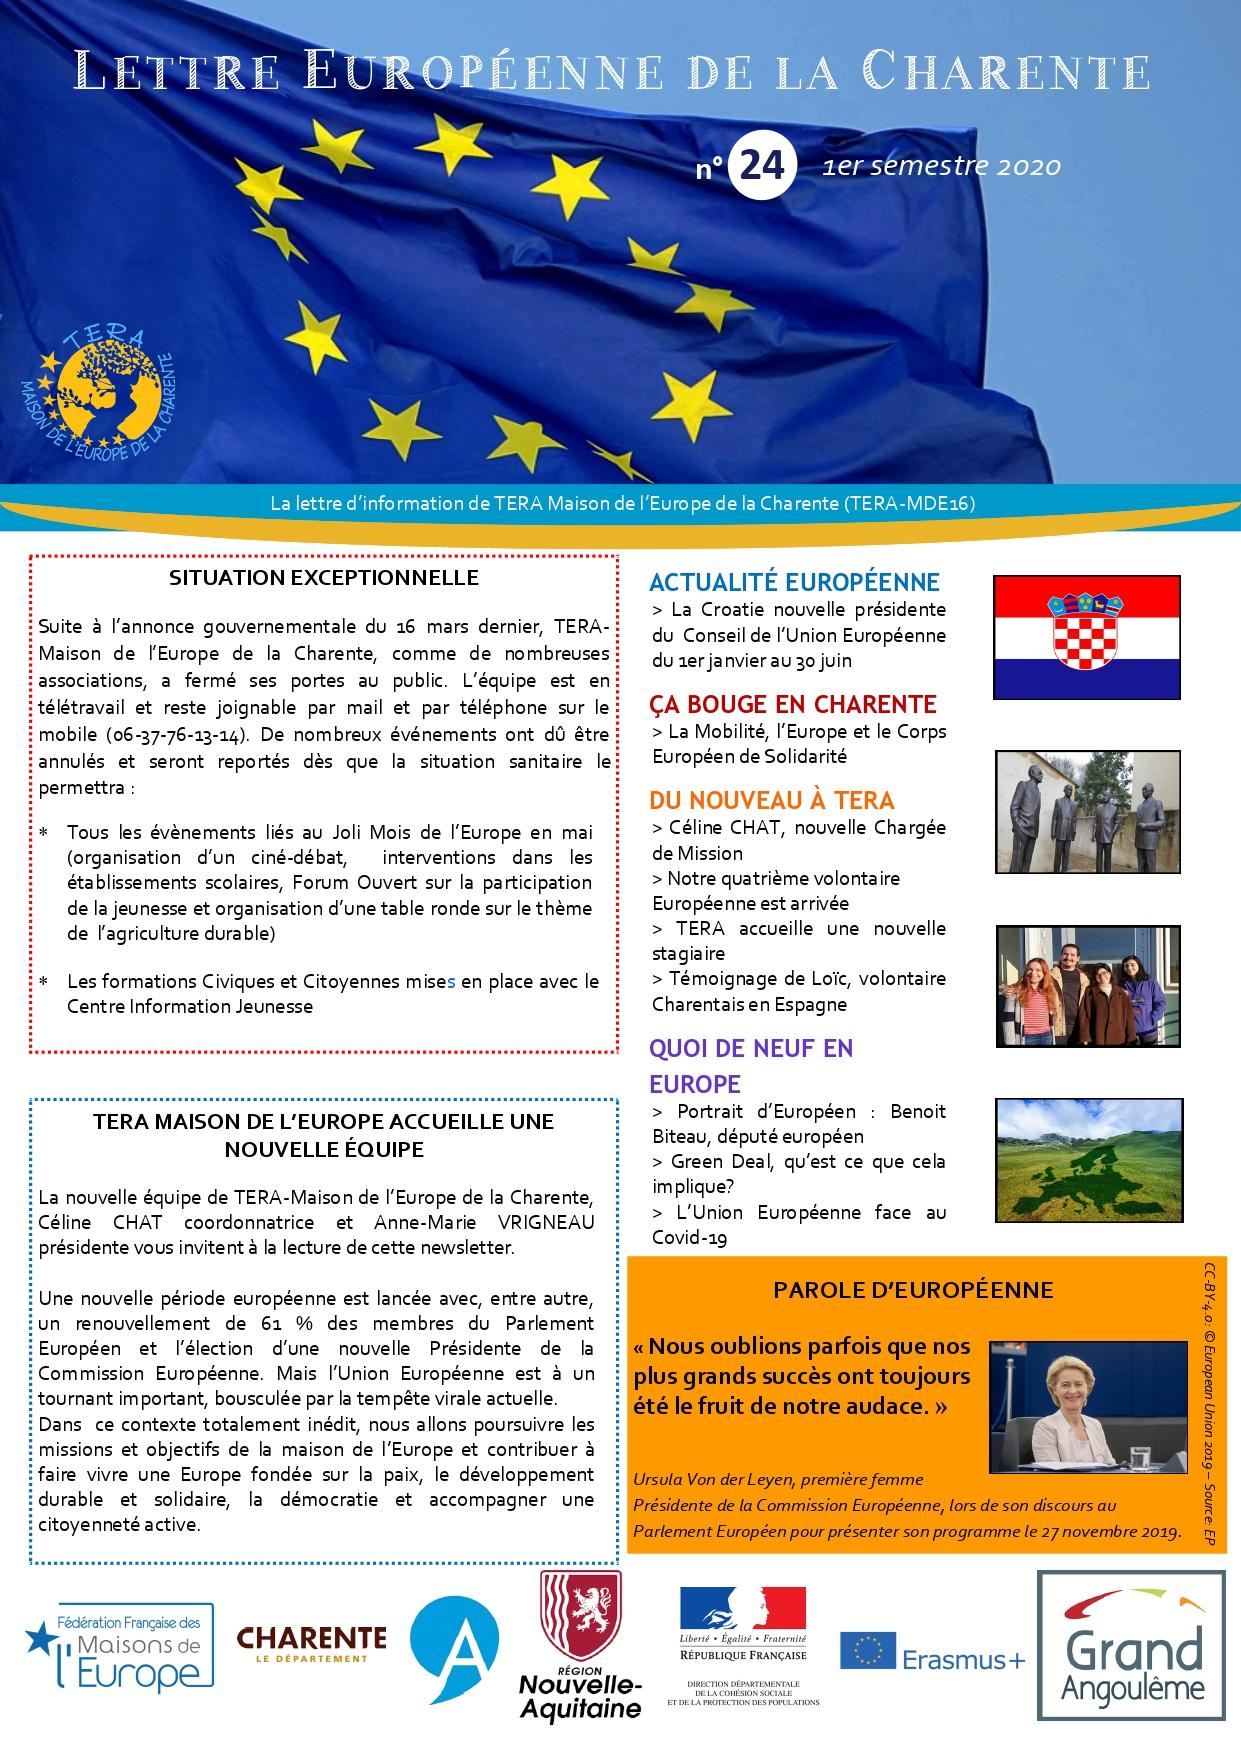 Lettre Européenne de la Charente n°24 du 1er semestre 2020